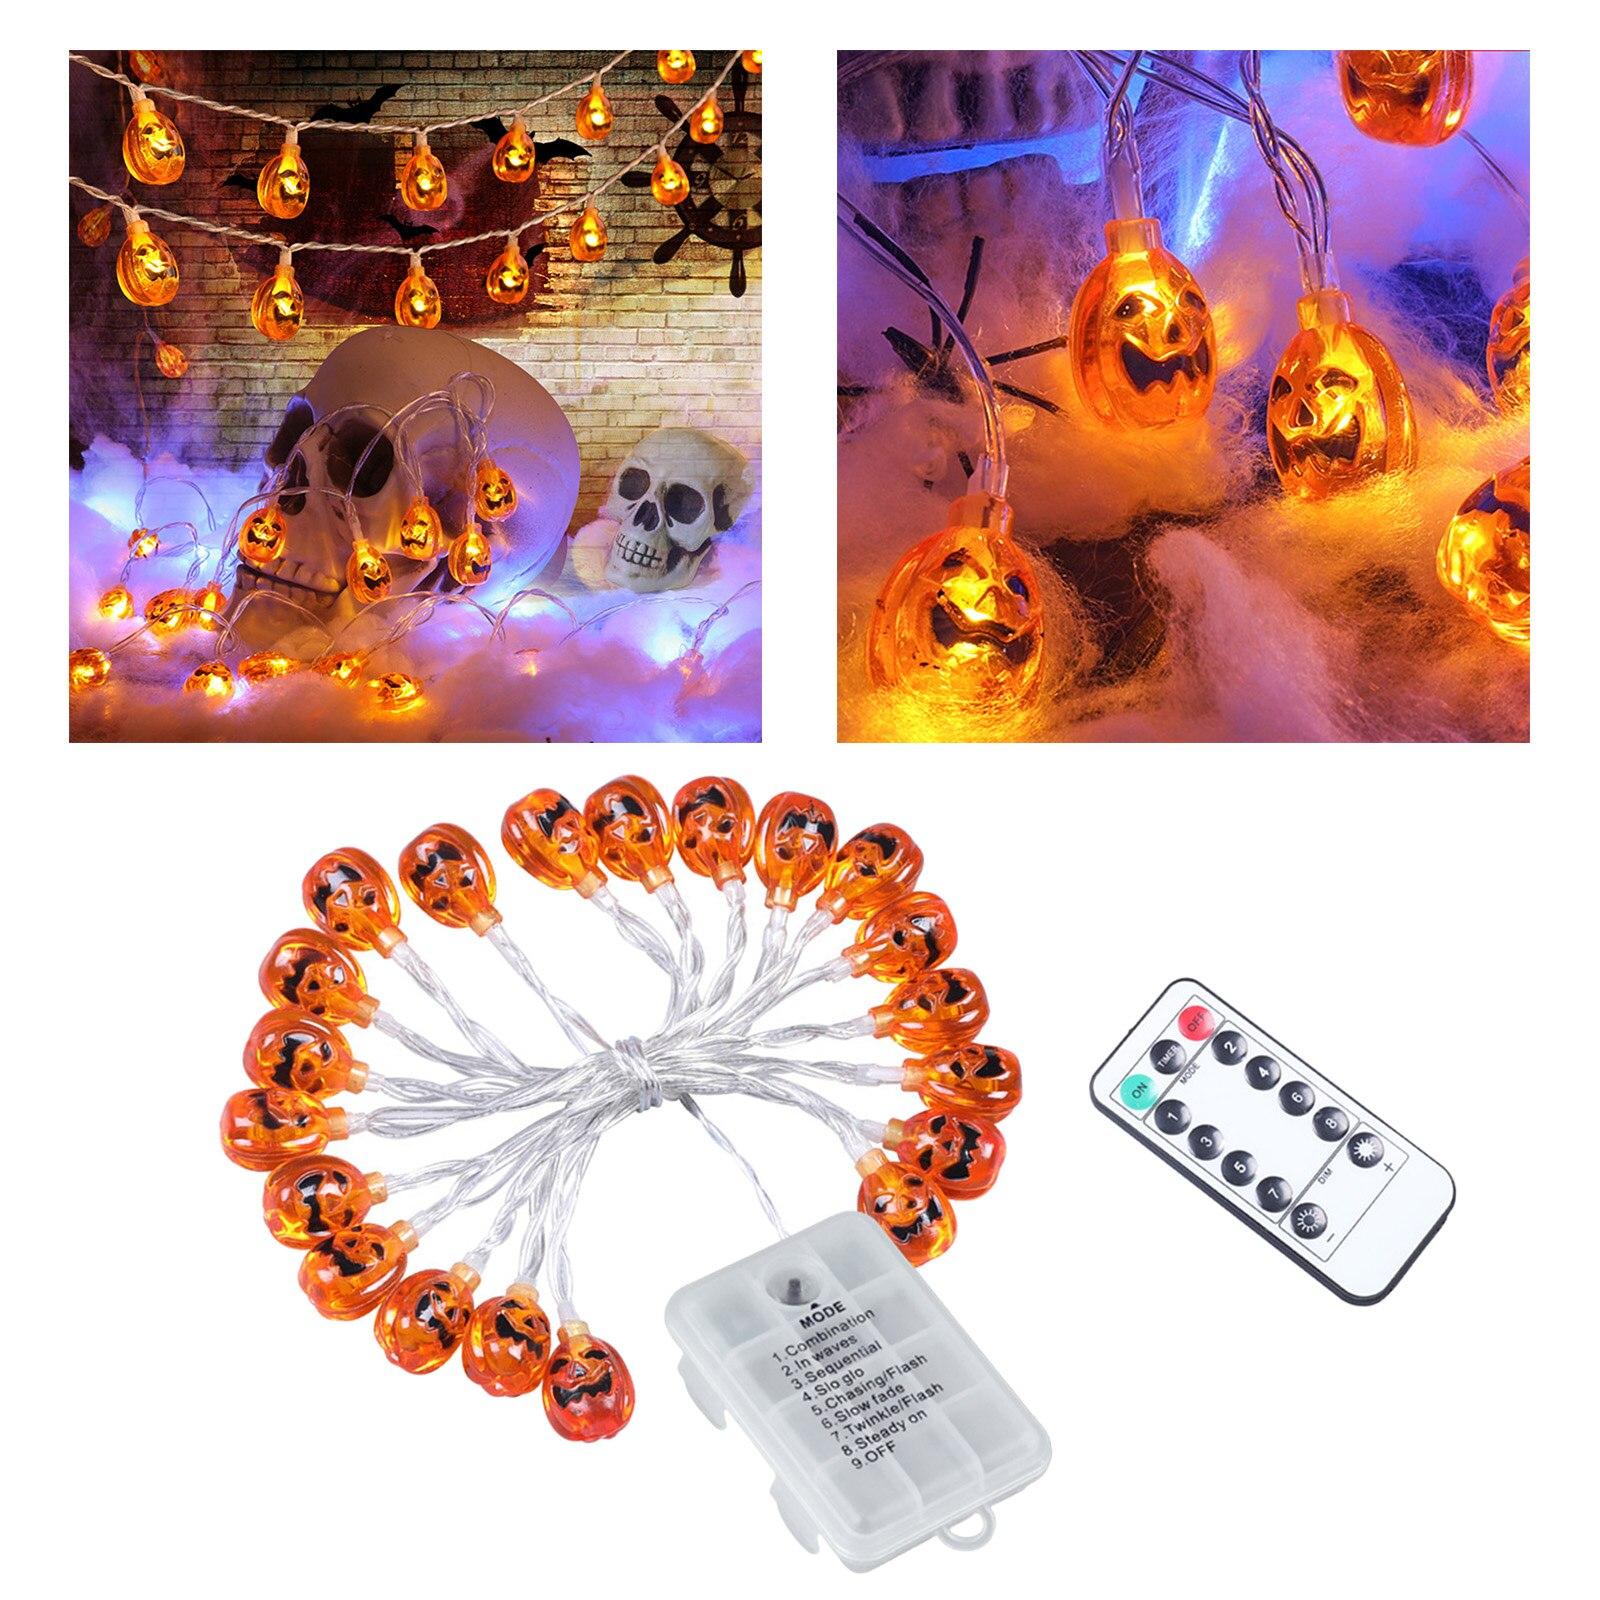 abobora sequencia de luz 8 modo com remoto ao ar livre halloween pendurado festa